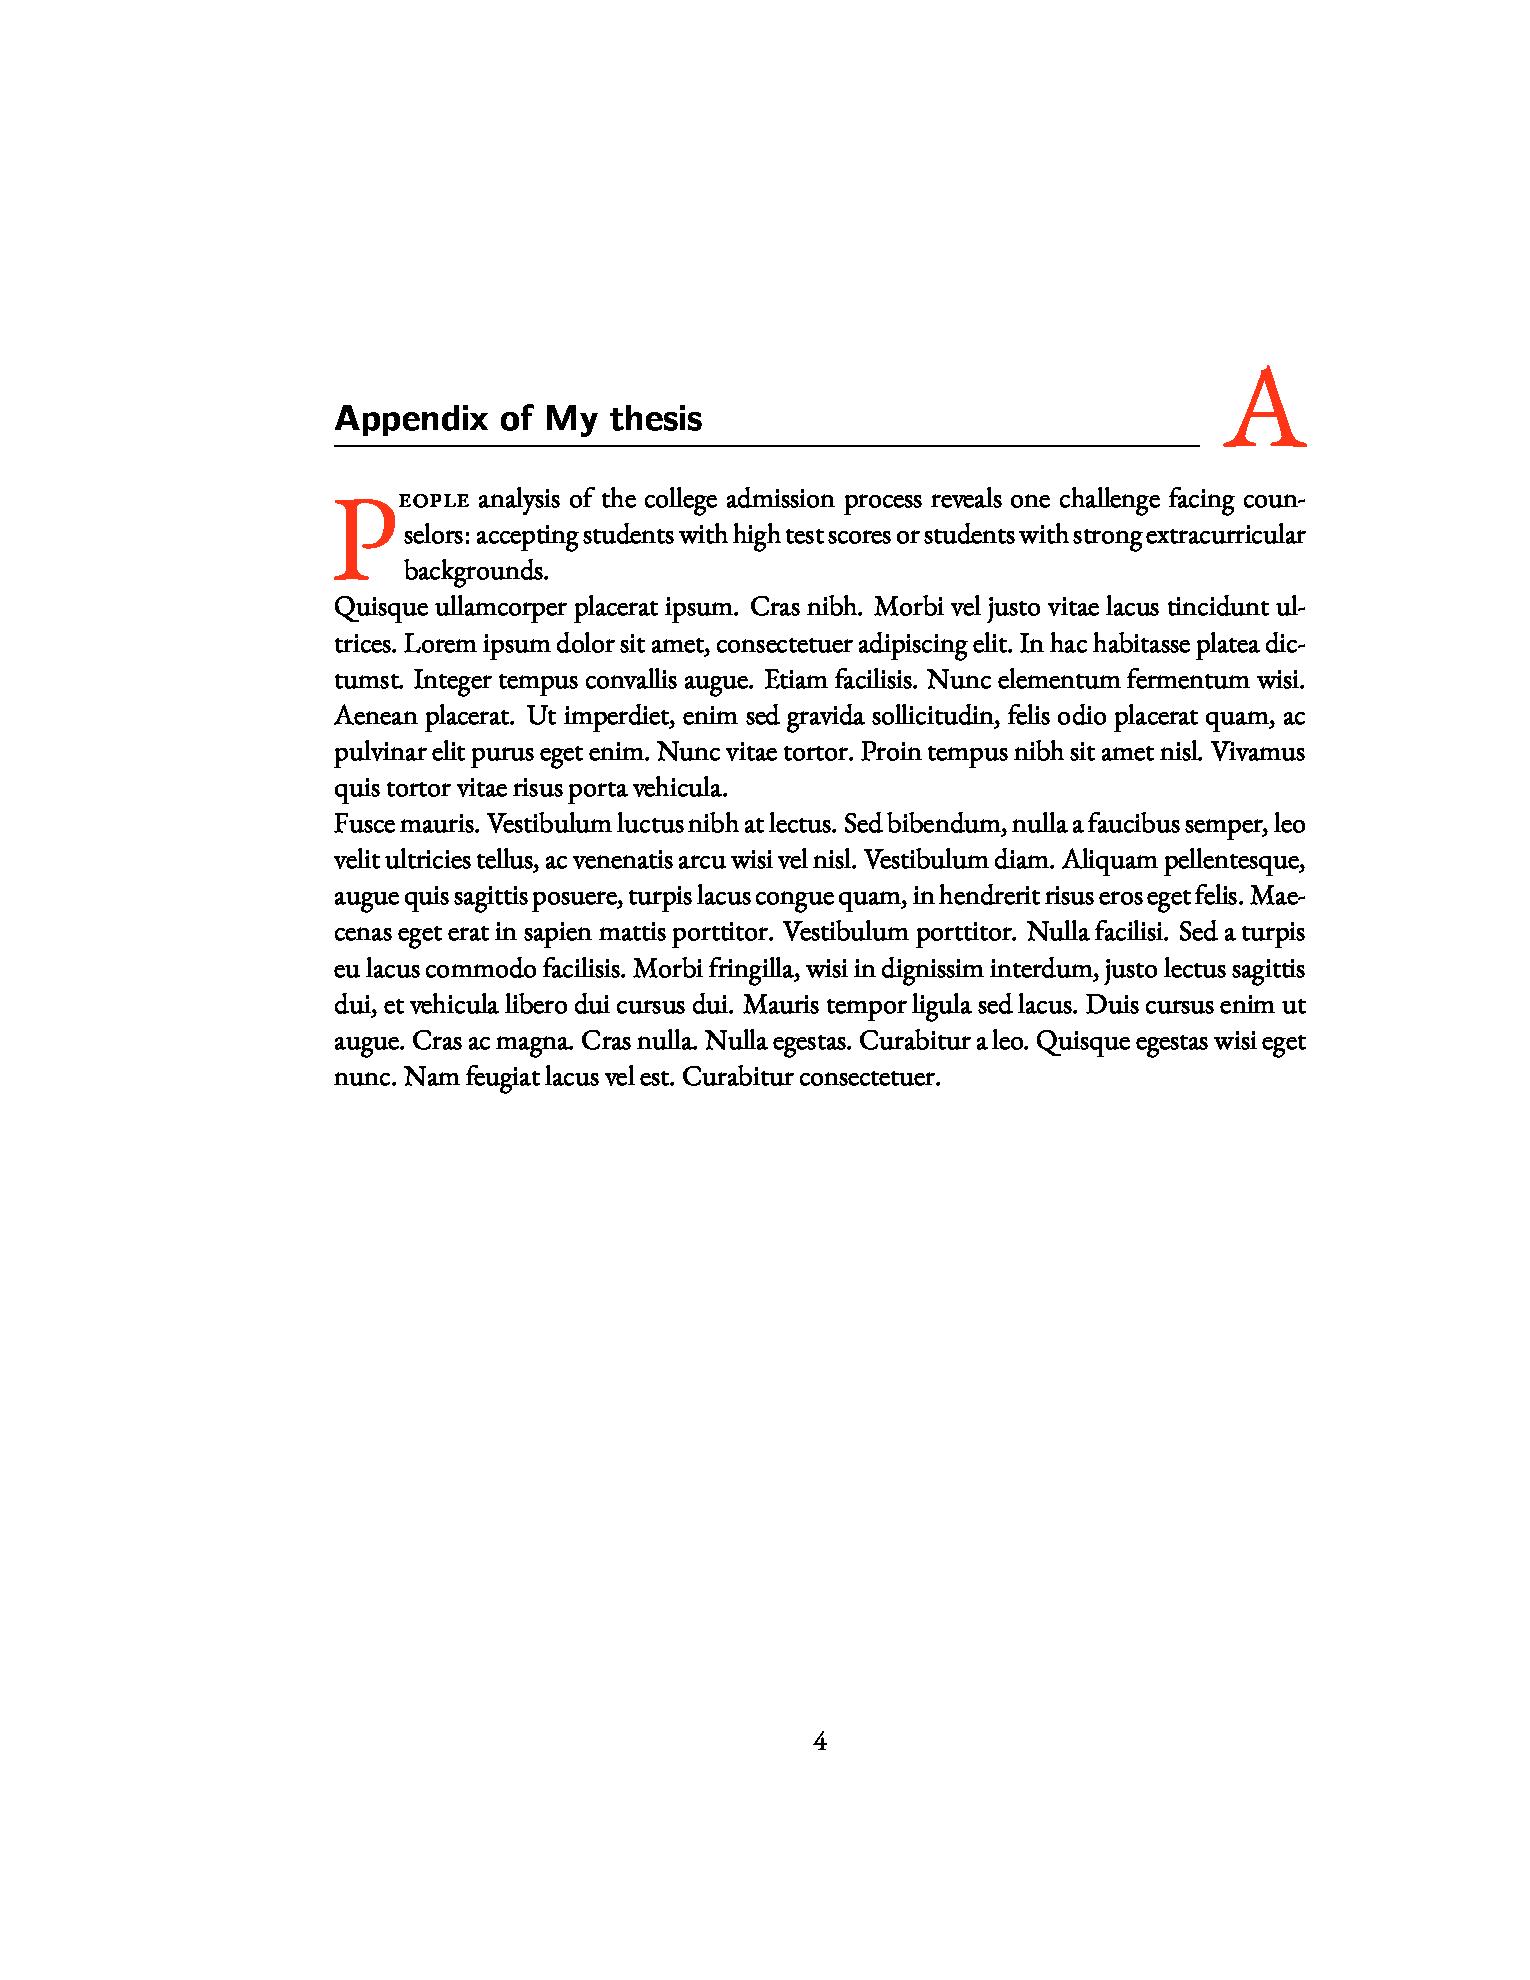 一个简洁清爽的章节样式设计